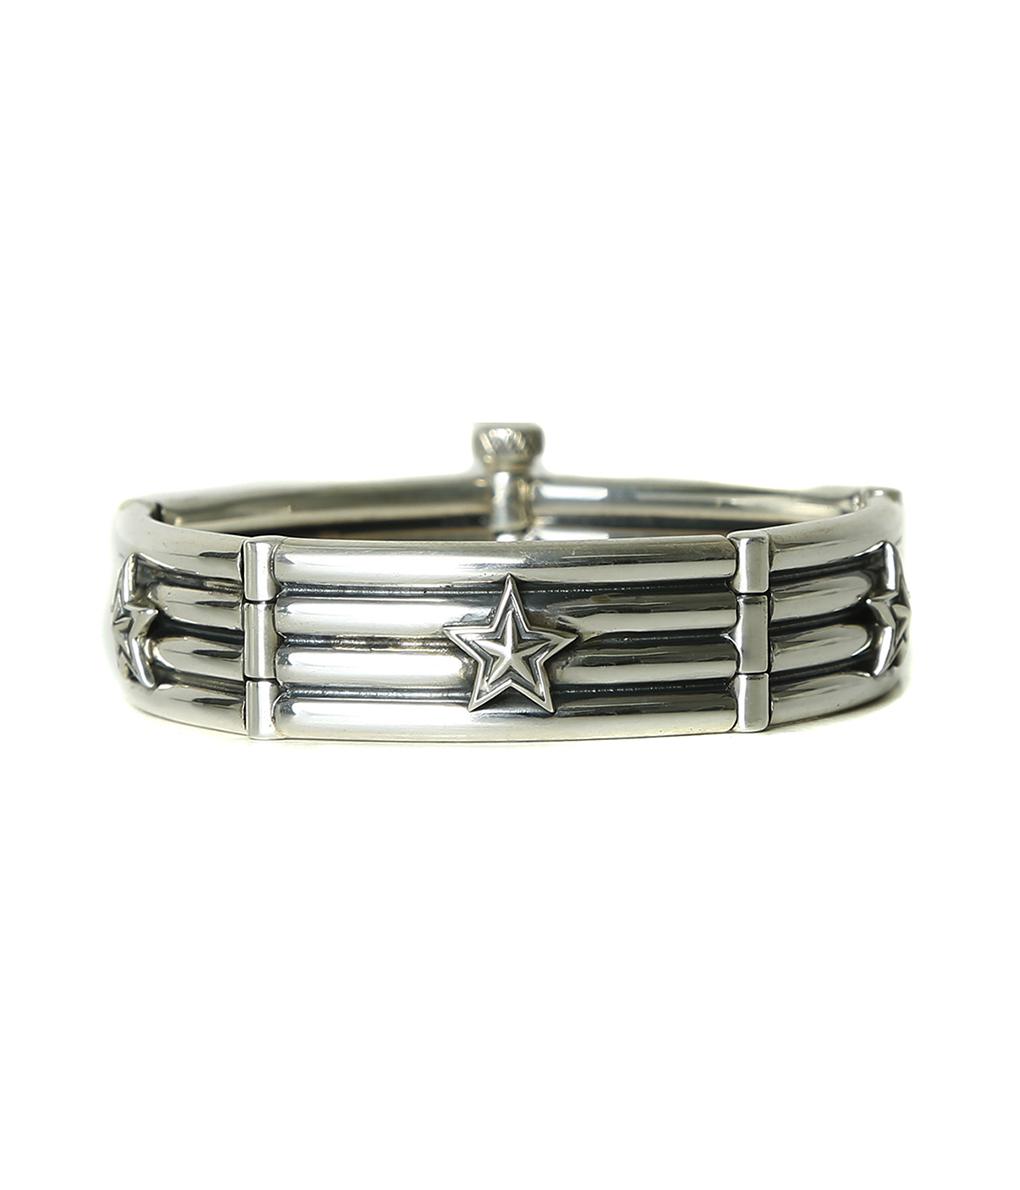 【アウトレットキャンペーン!】CODY SANDERSON / コディサンダーソン : 4 Row Wire Link with Stars Bracelet :フォーロウリンクウィズスターブレスレット: C1-03-029-bjb 【BJB】